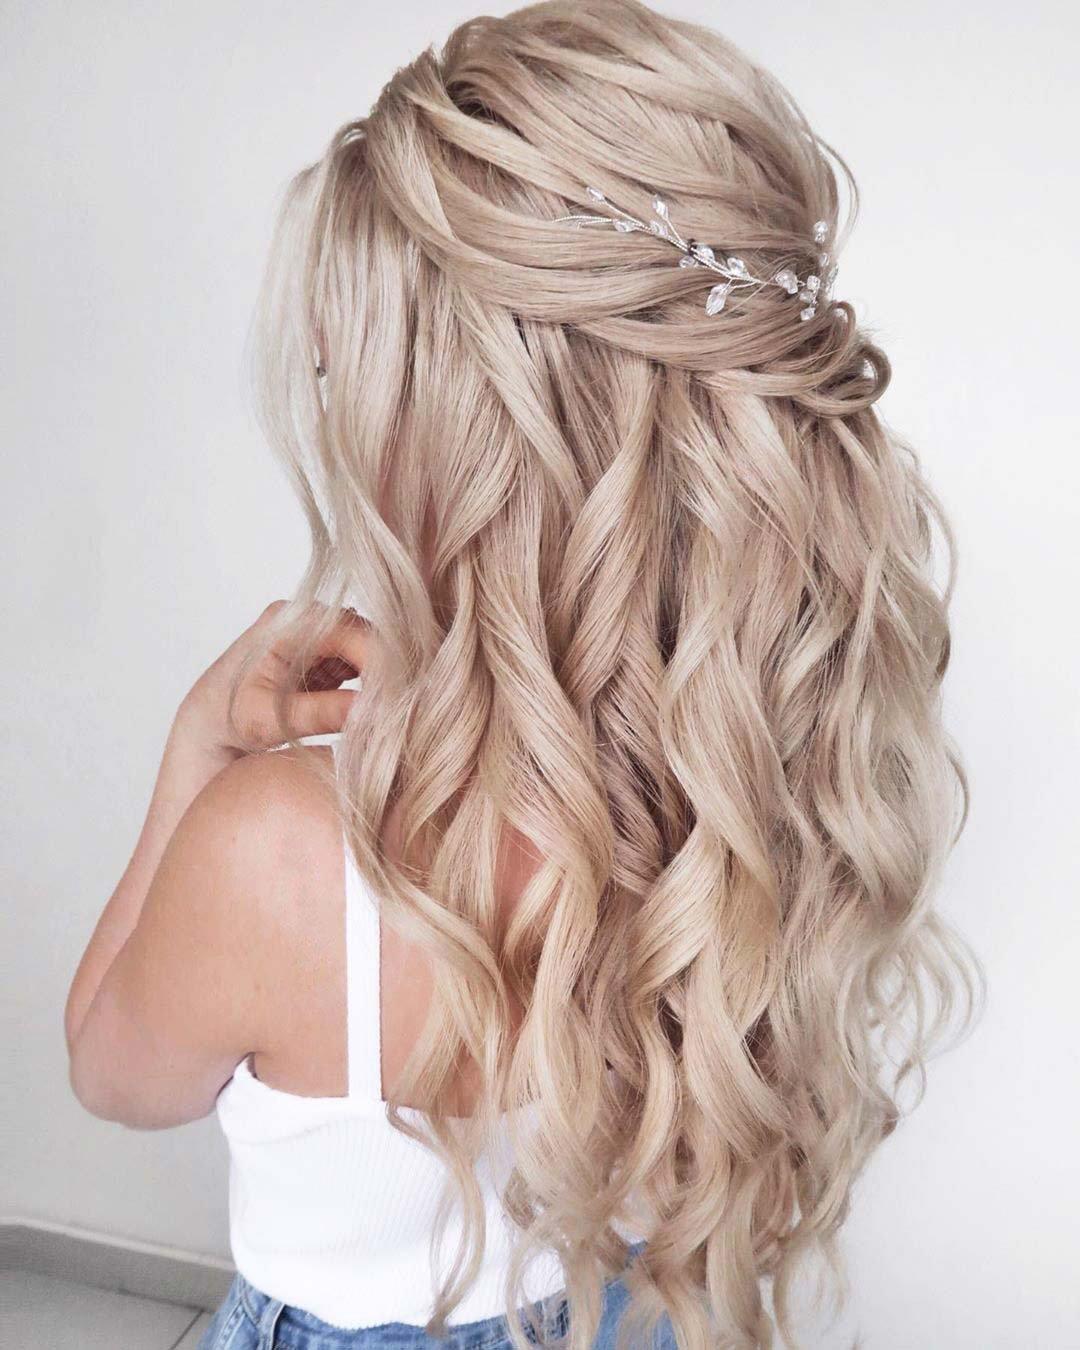 تسريحة الشعر الويفي نصف المرفوع(الصورة من حساب خبيرة الجمال مارينا بوبدينسكايا على pinterest)